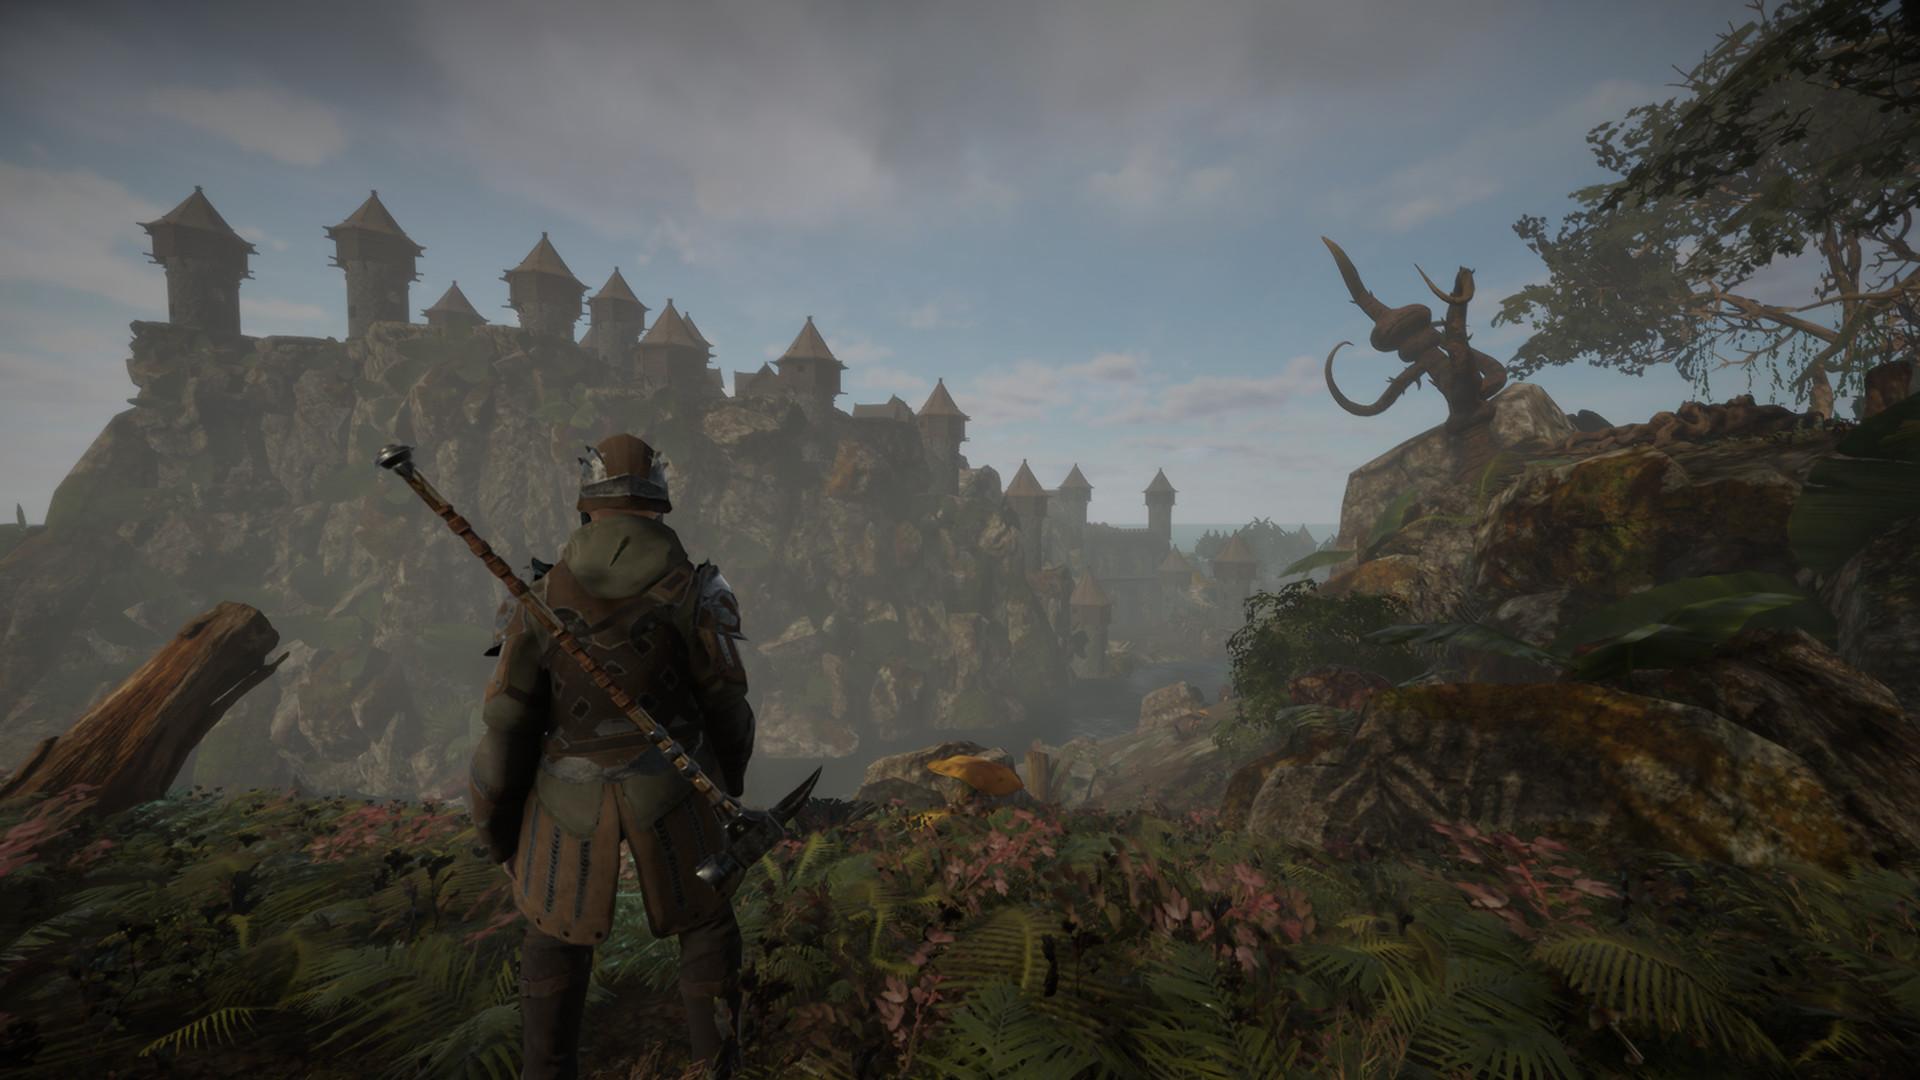 开放世界幻想RPG《阿达拉群岛》公布 2020年登陆Steam